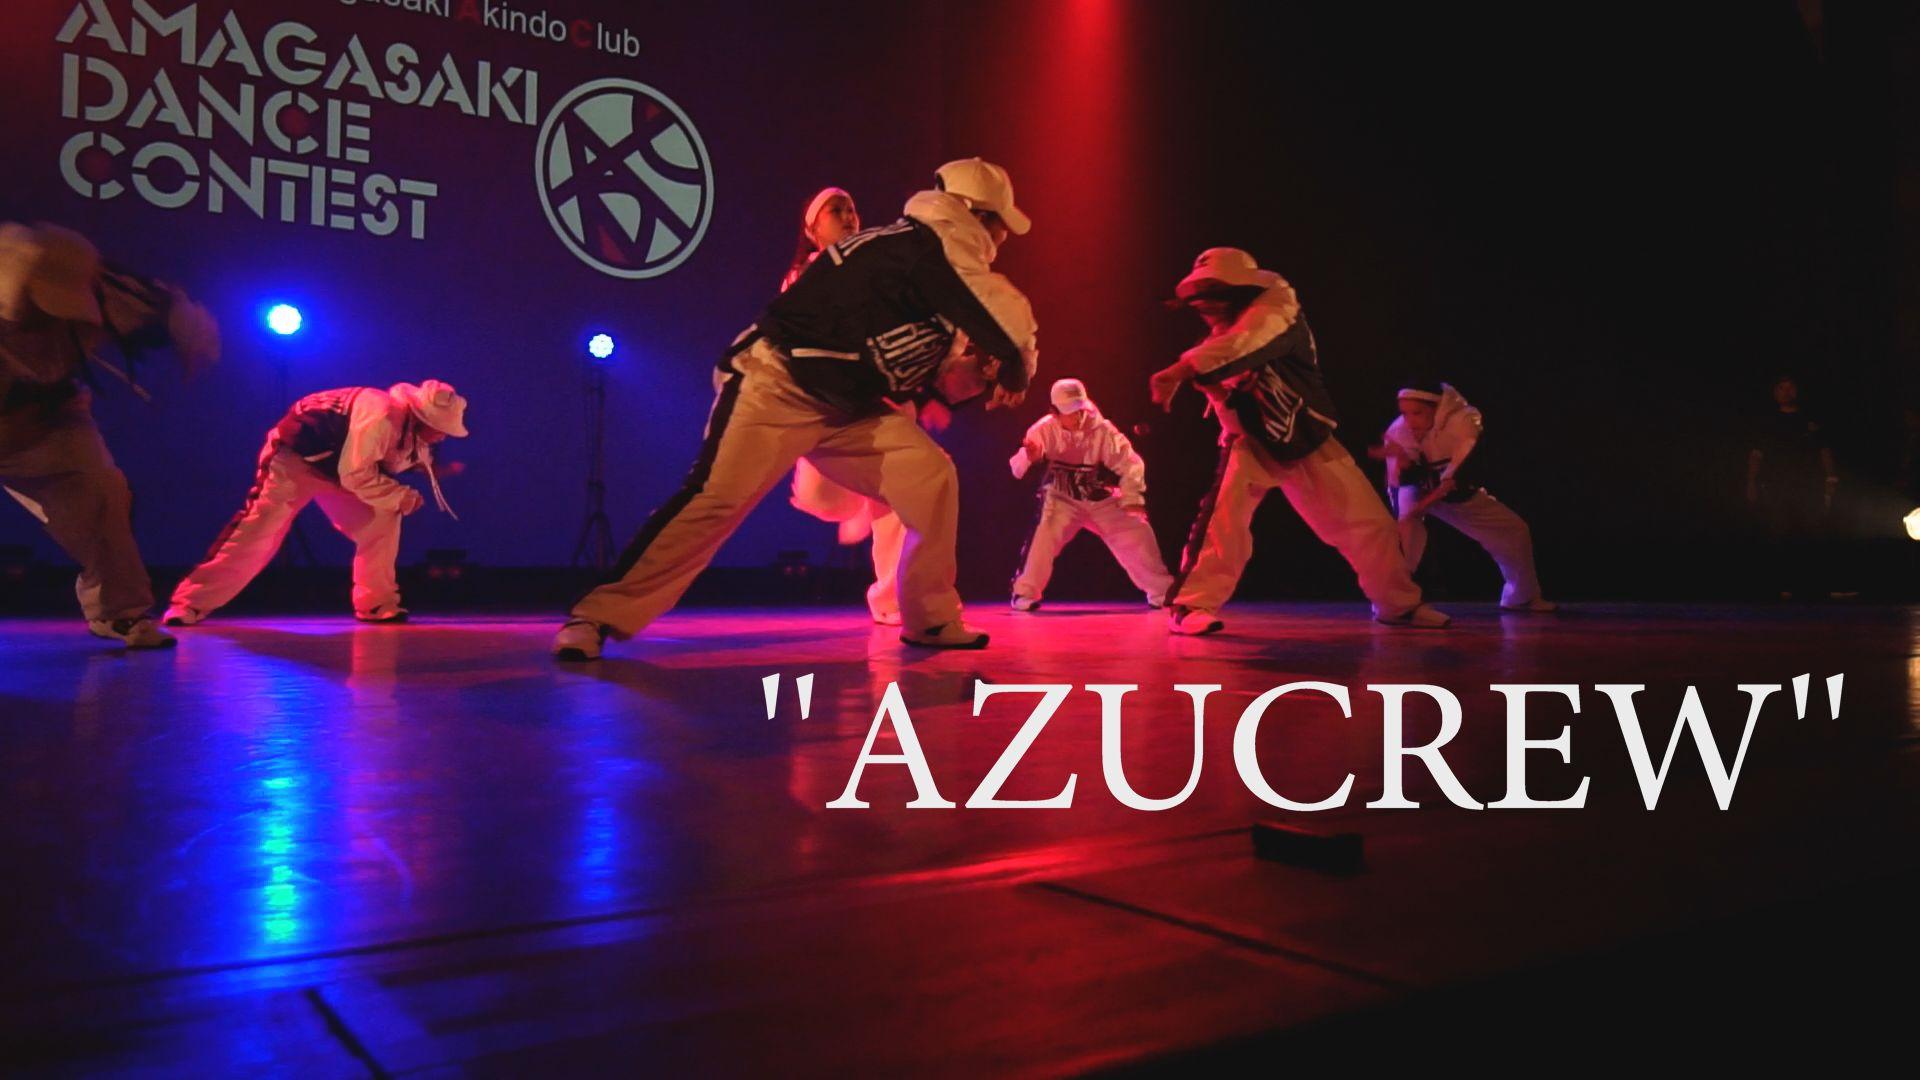 AZUCREW